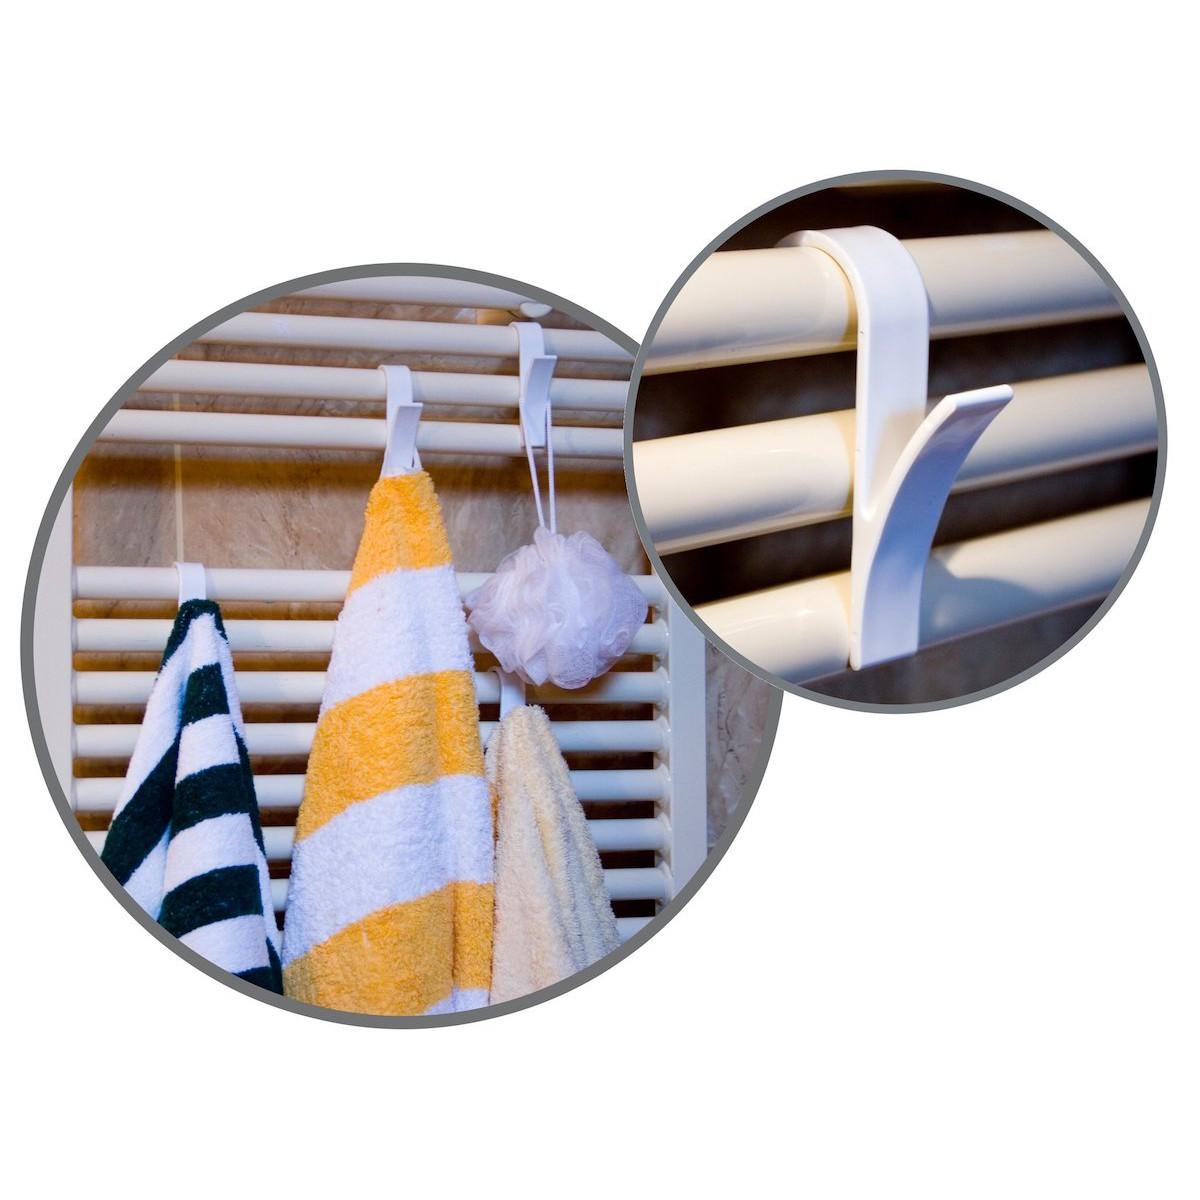 háčky do koupelny závěsy na radiátor na ručníky 6ks megamix.shop